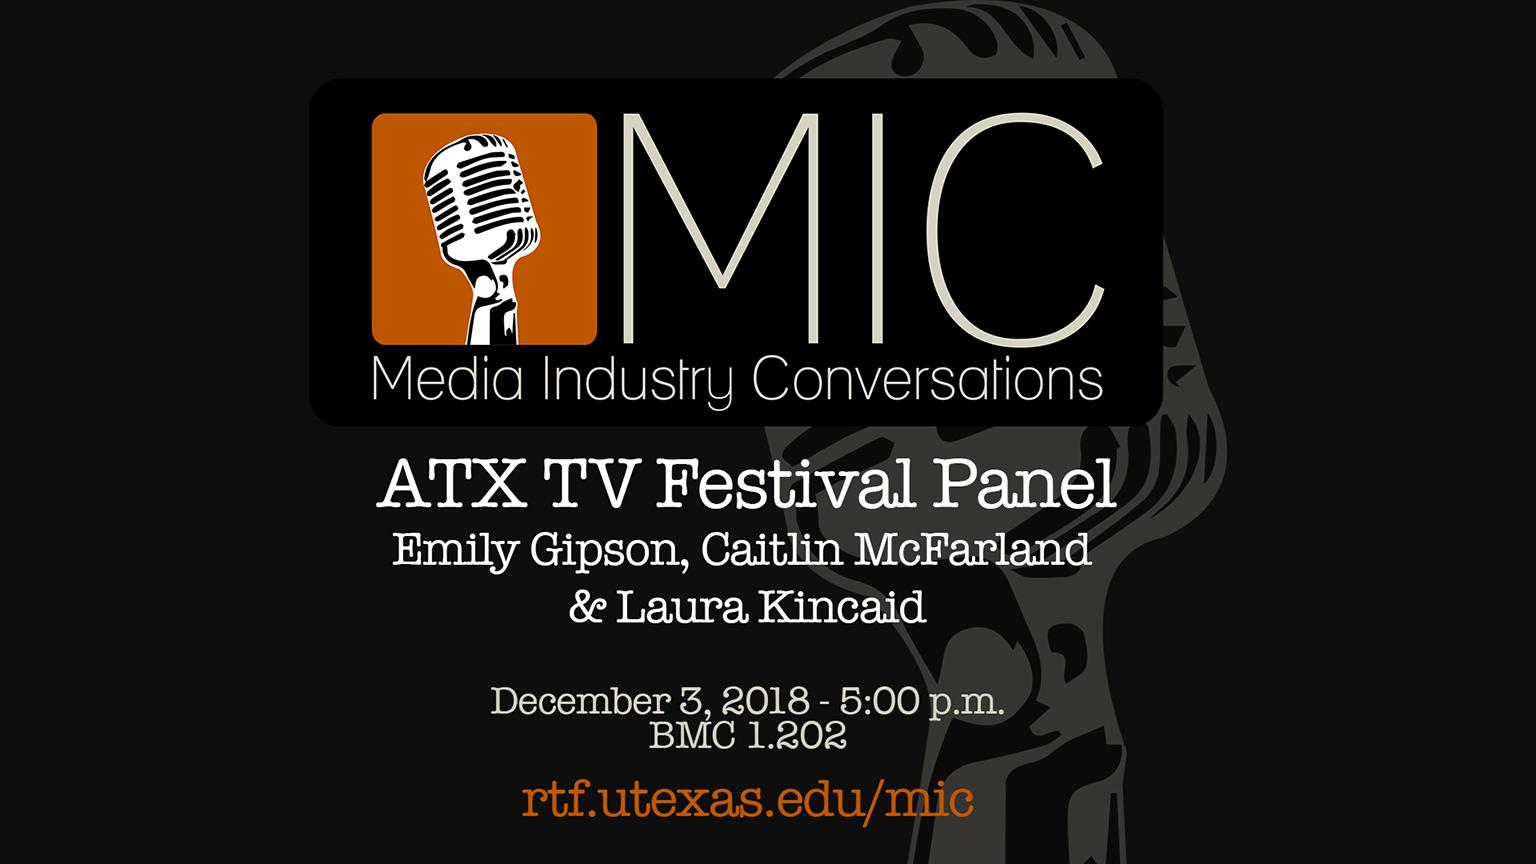 atx_festival_panel_MIC_december_3_2018_emily_gipson_caitlin_mcfarland_laura_kincaid_5pm_BMC_1.202